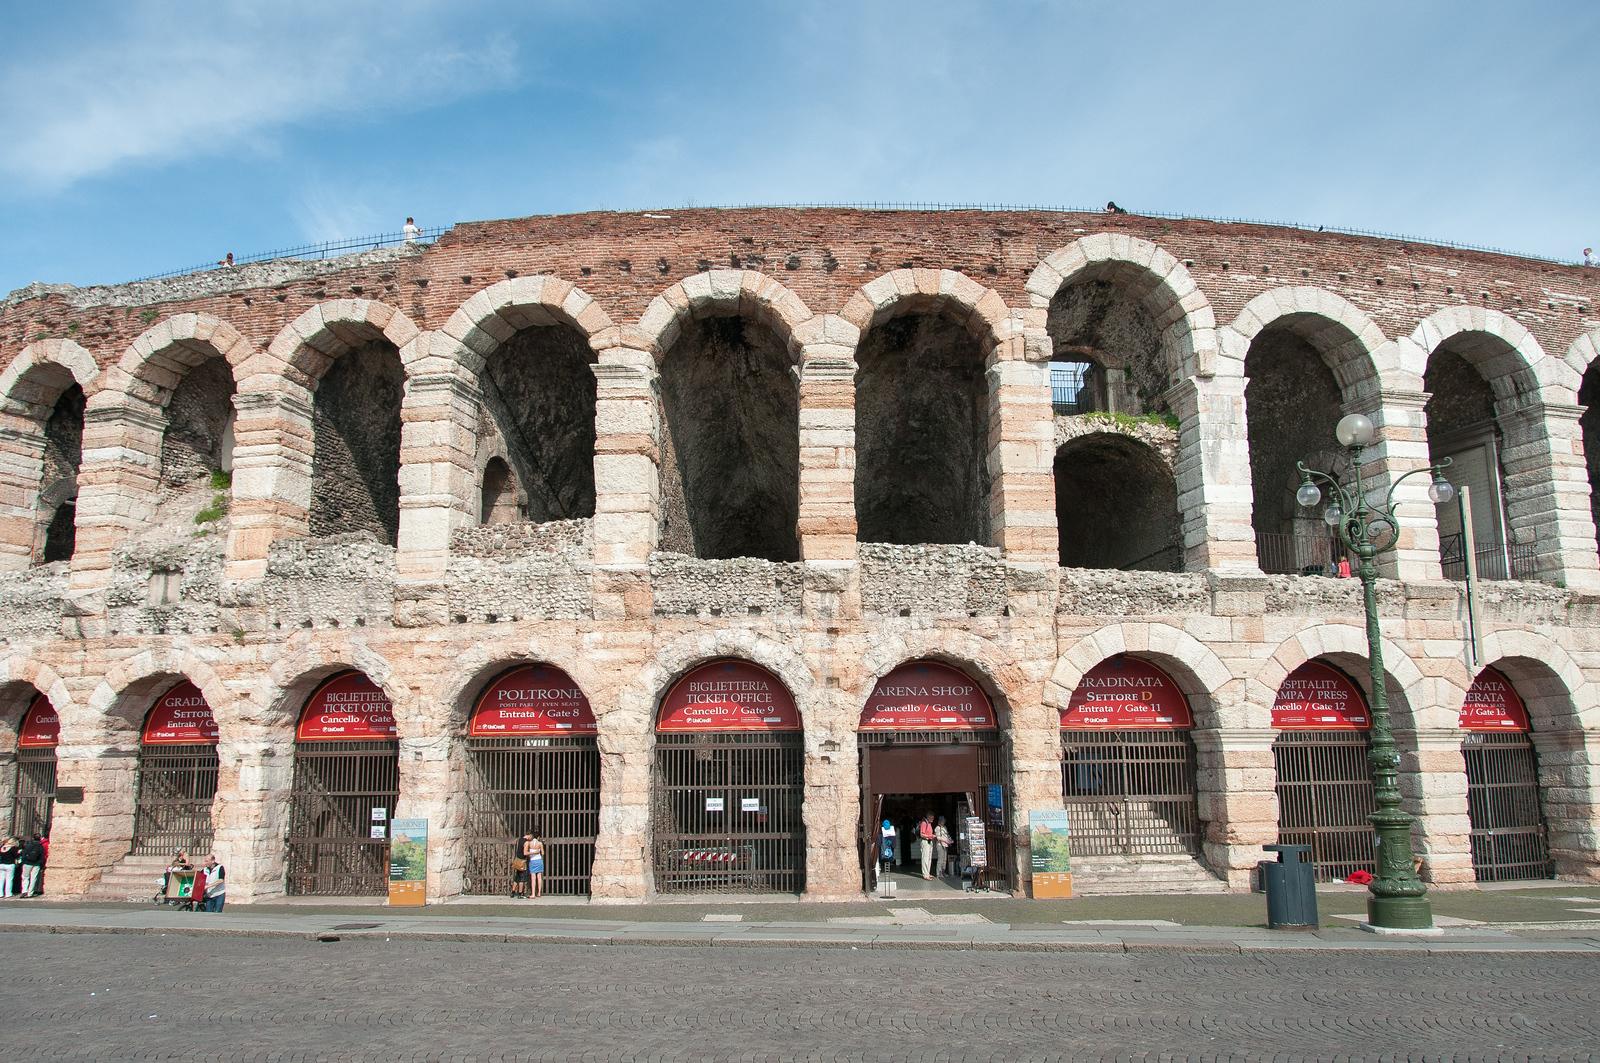 City of Verona UNESCO World Heritage Site, Italy